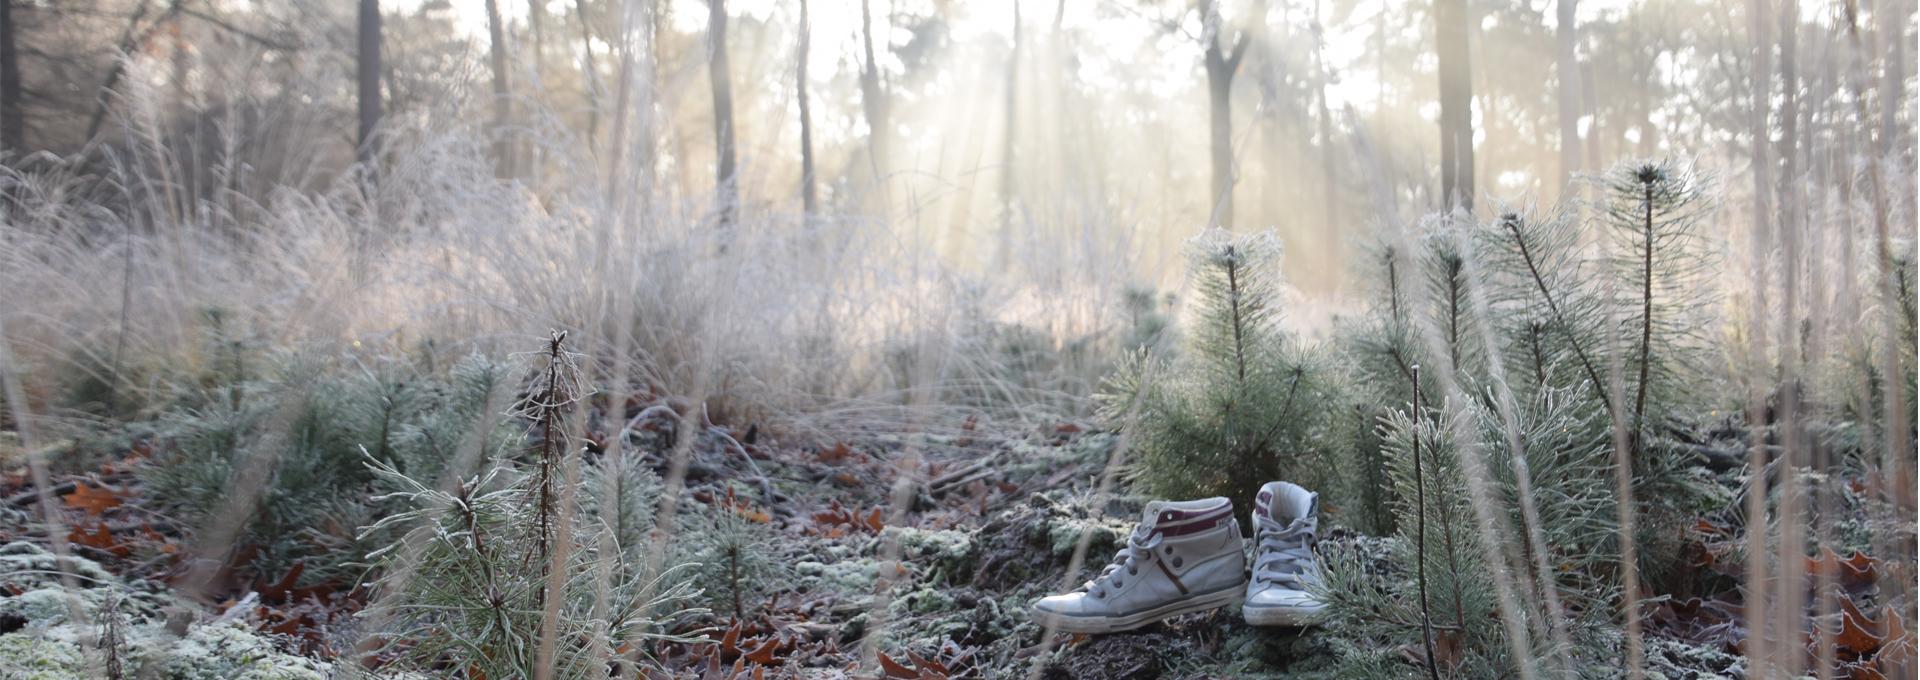 Mijn schoenen tijdens een winterwandeling!